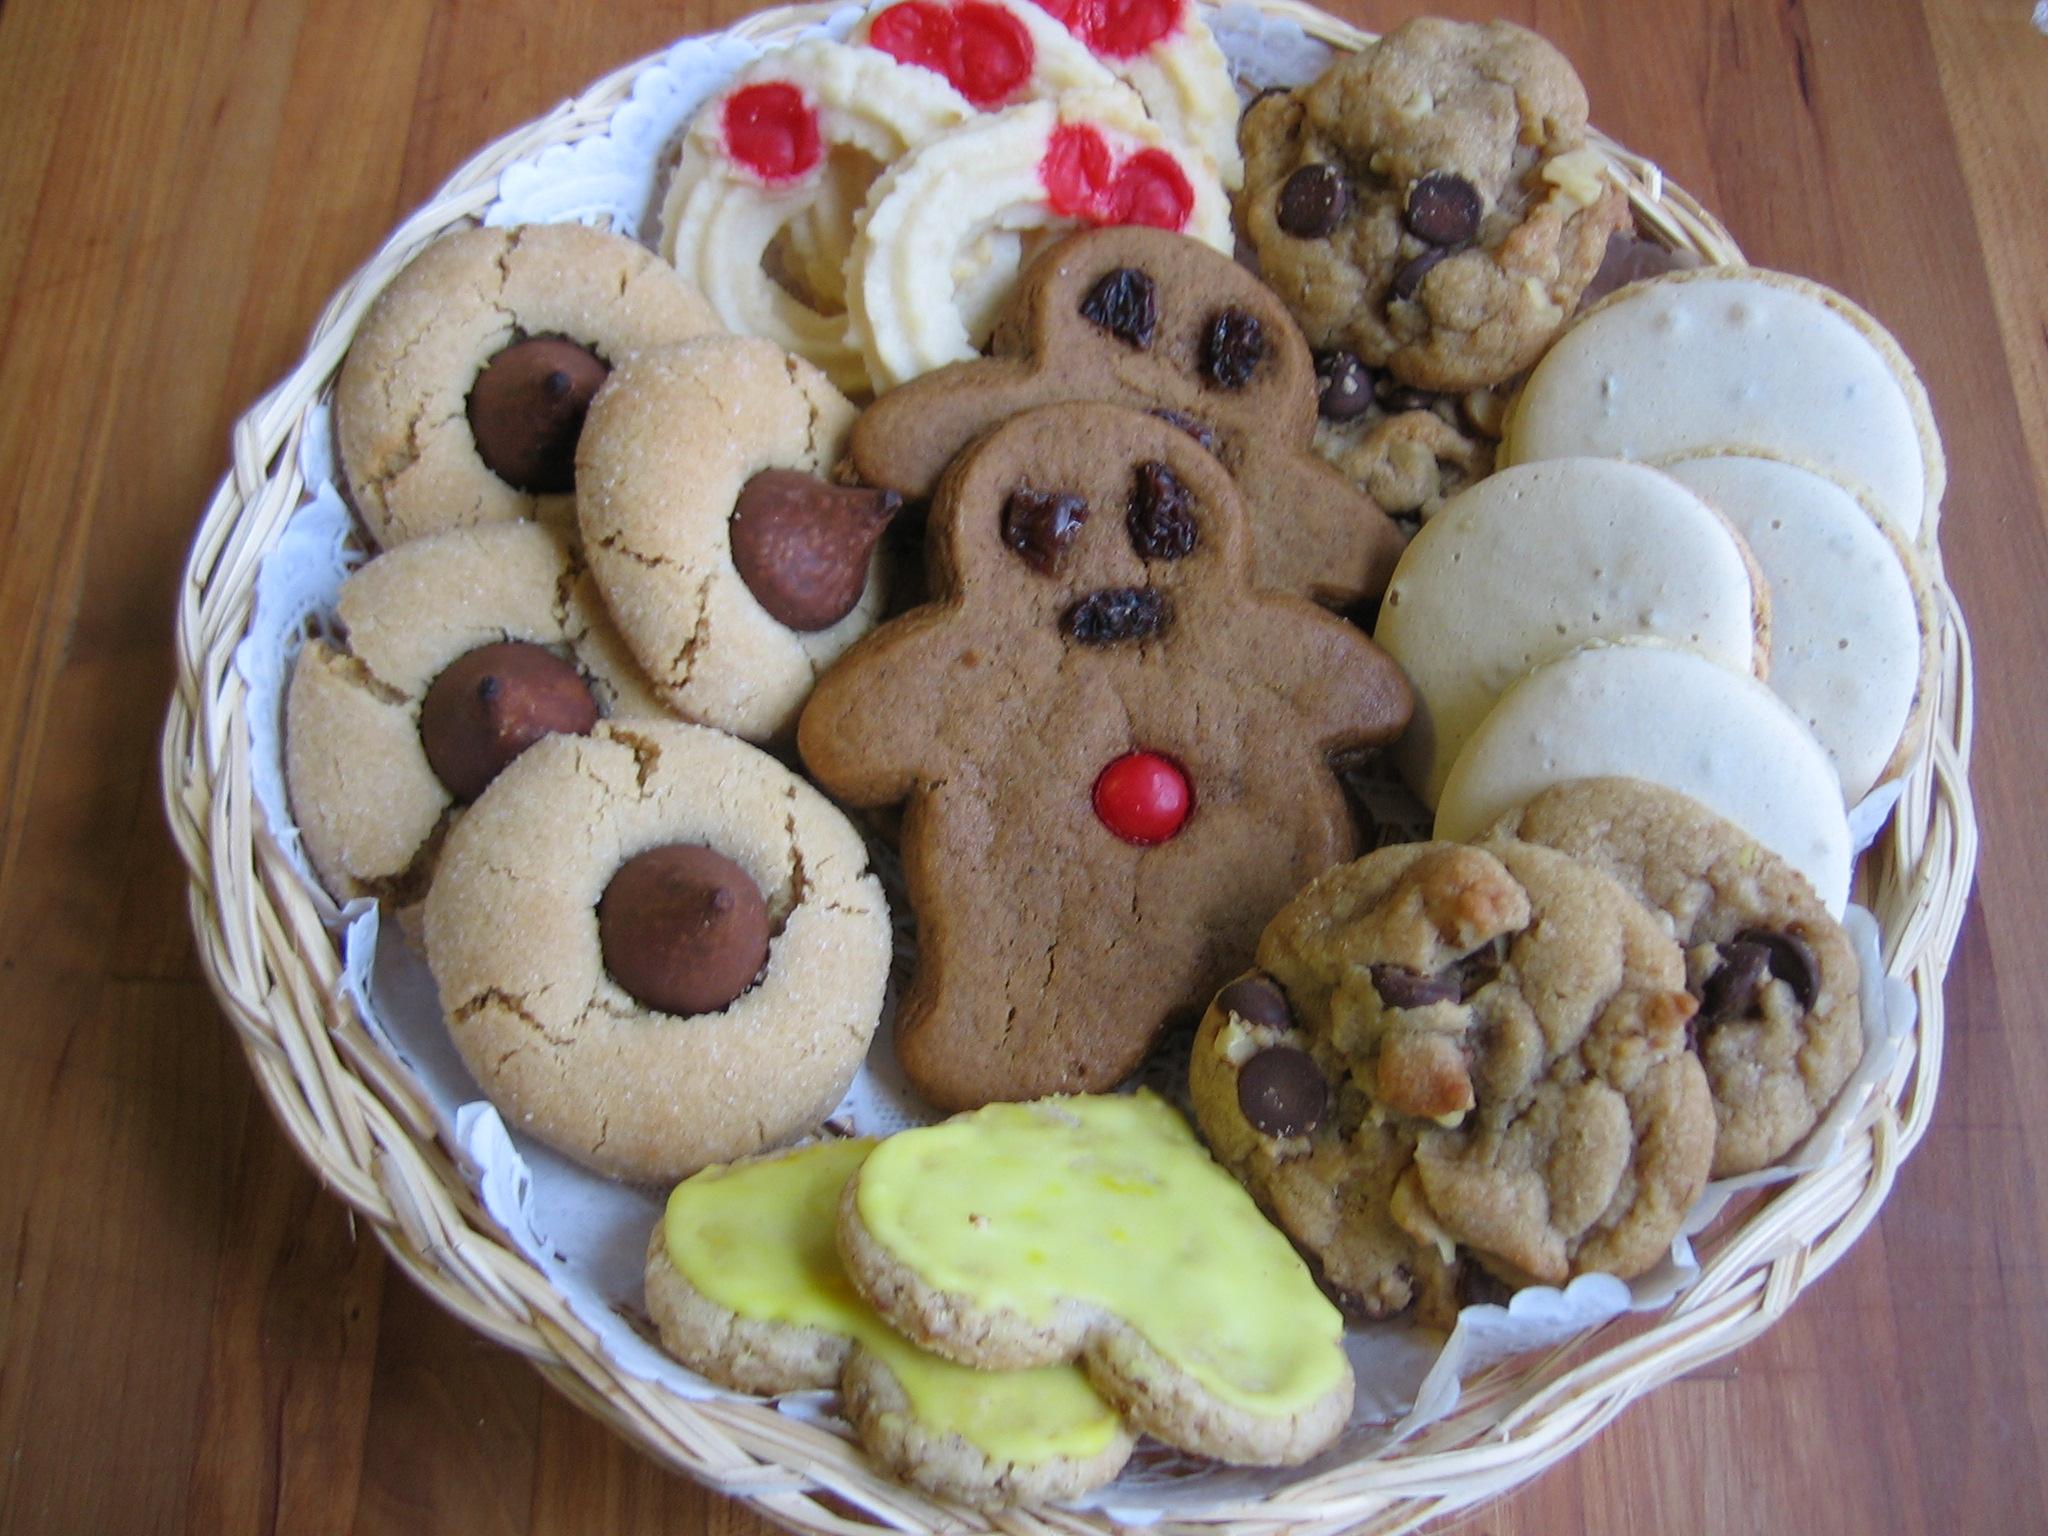 Especials nens gordos: galetes de Nadal